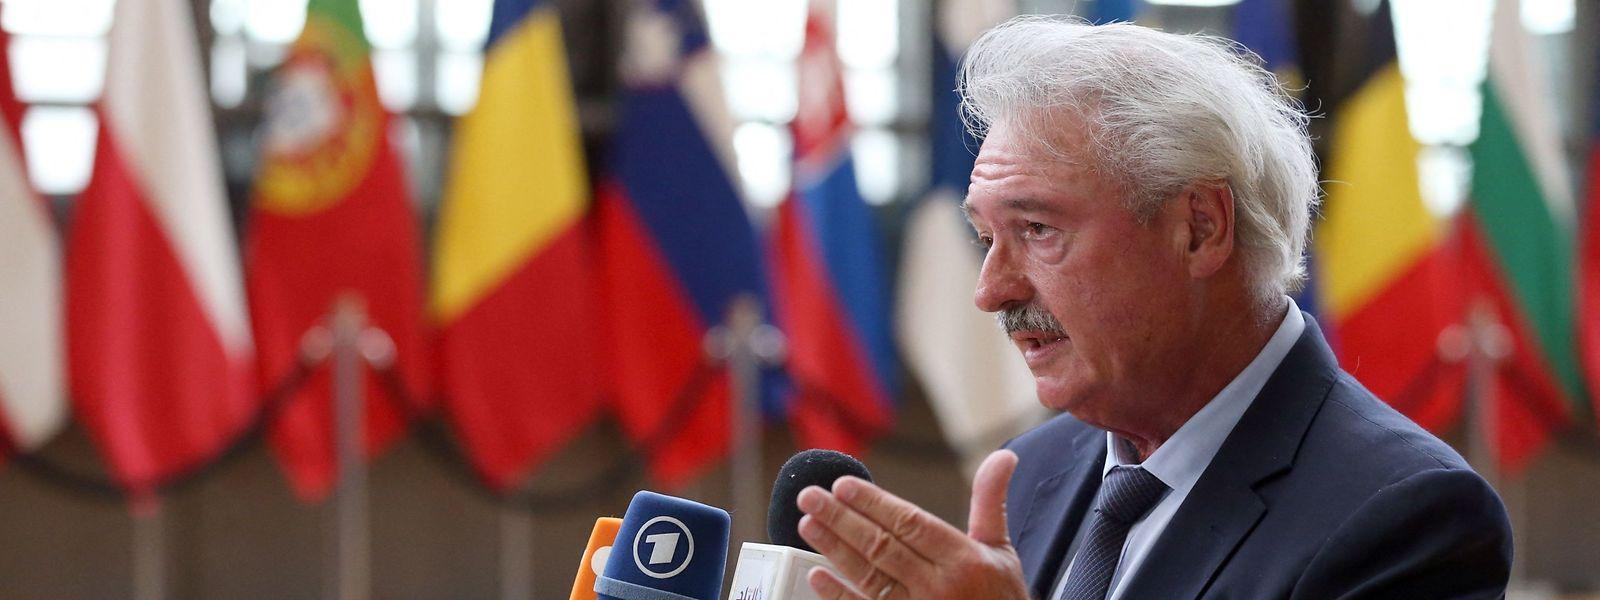 Jean Asselborn vor dem Gipfel beim Pressegespräch.